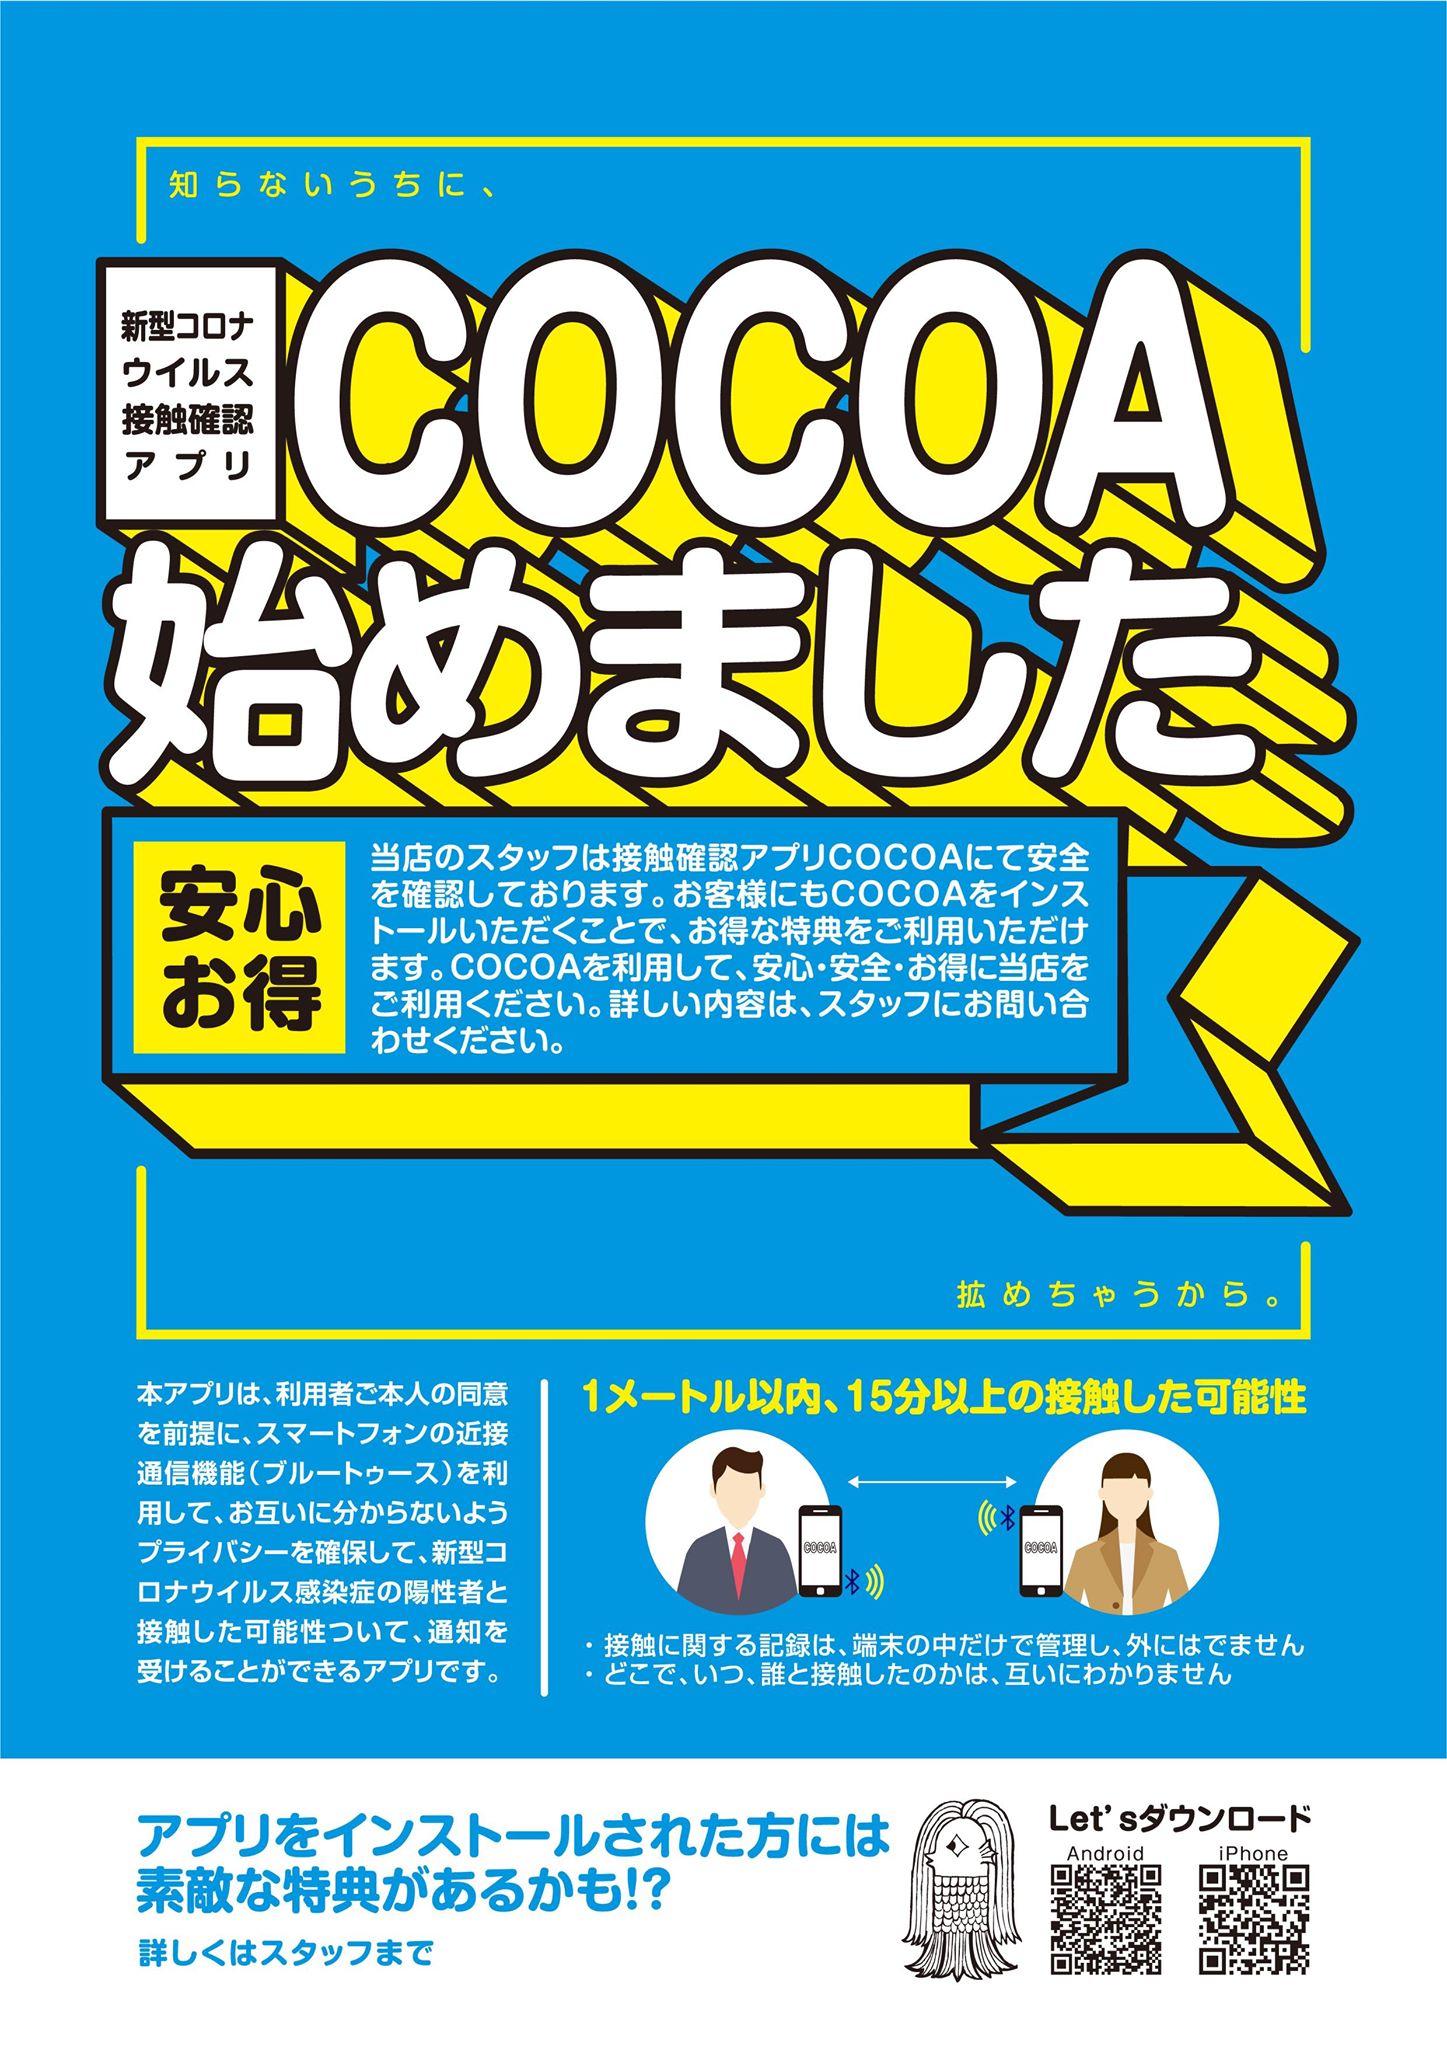 新型コロナウイルス接触確認アプリ COCOA始めました